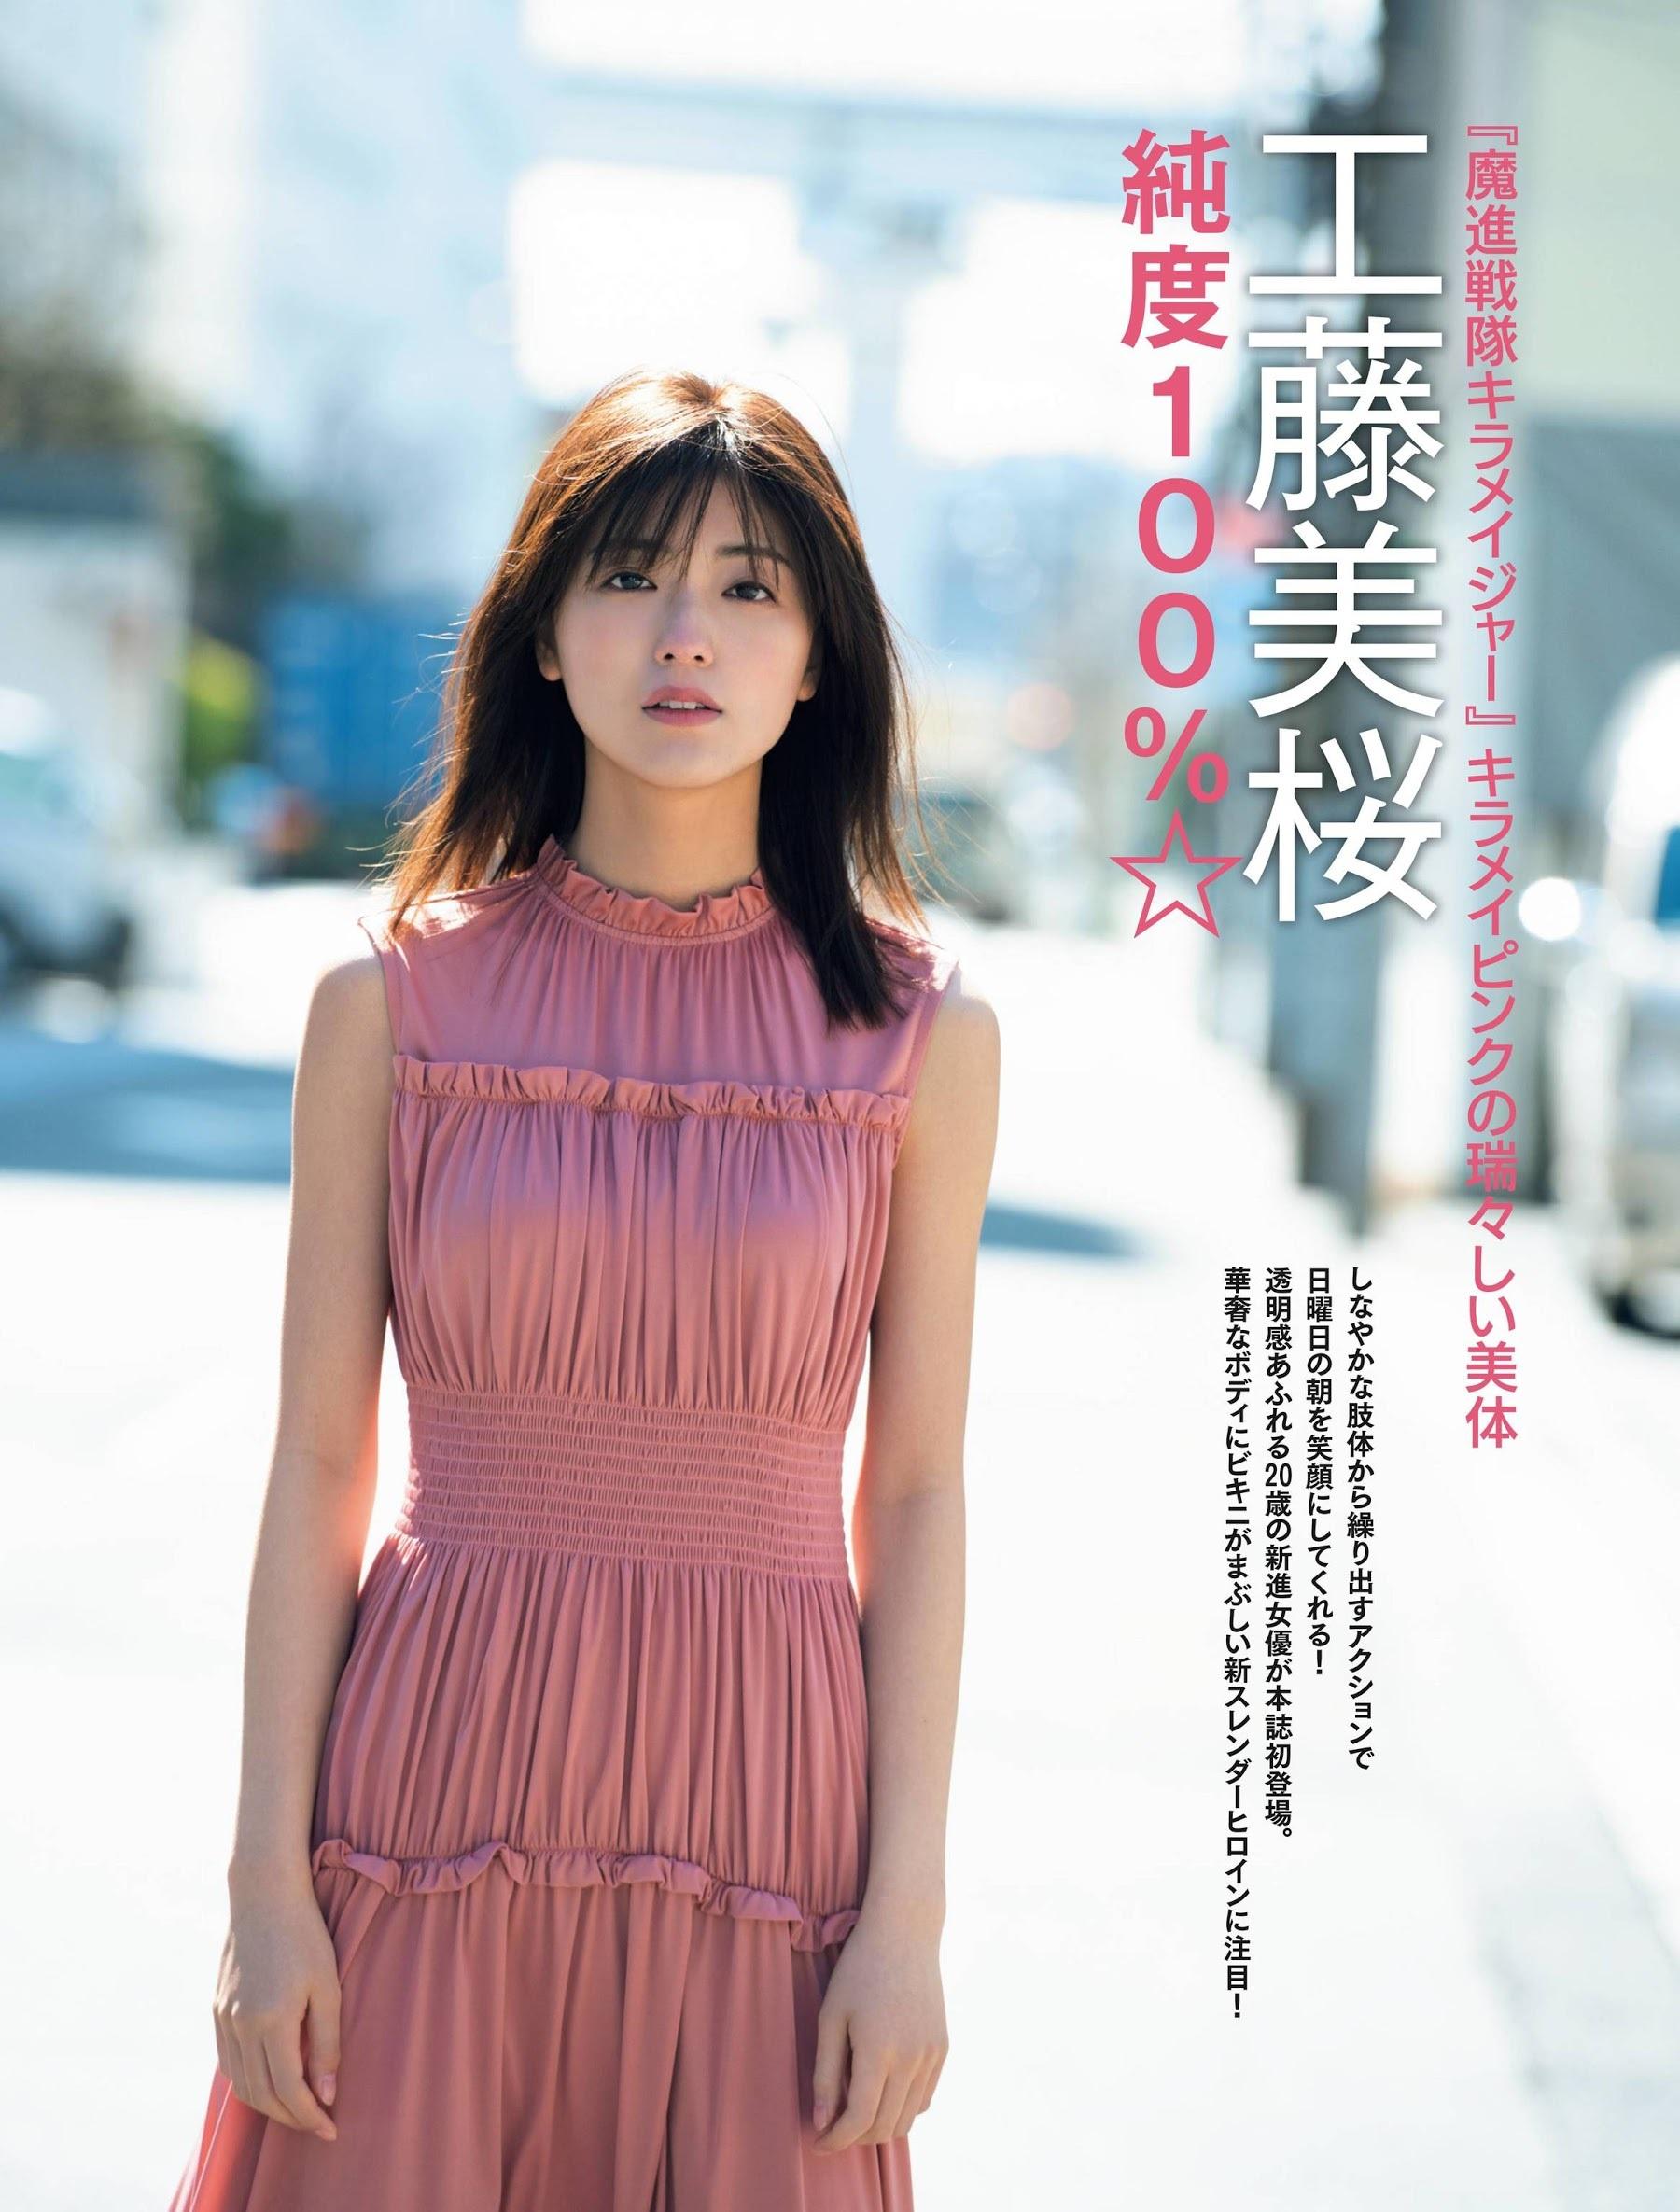 Kiramei Pinks fresh and beautiful body Miku Kudo001